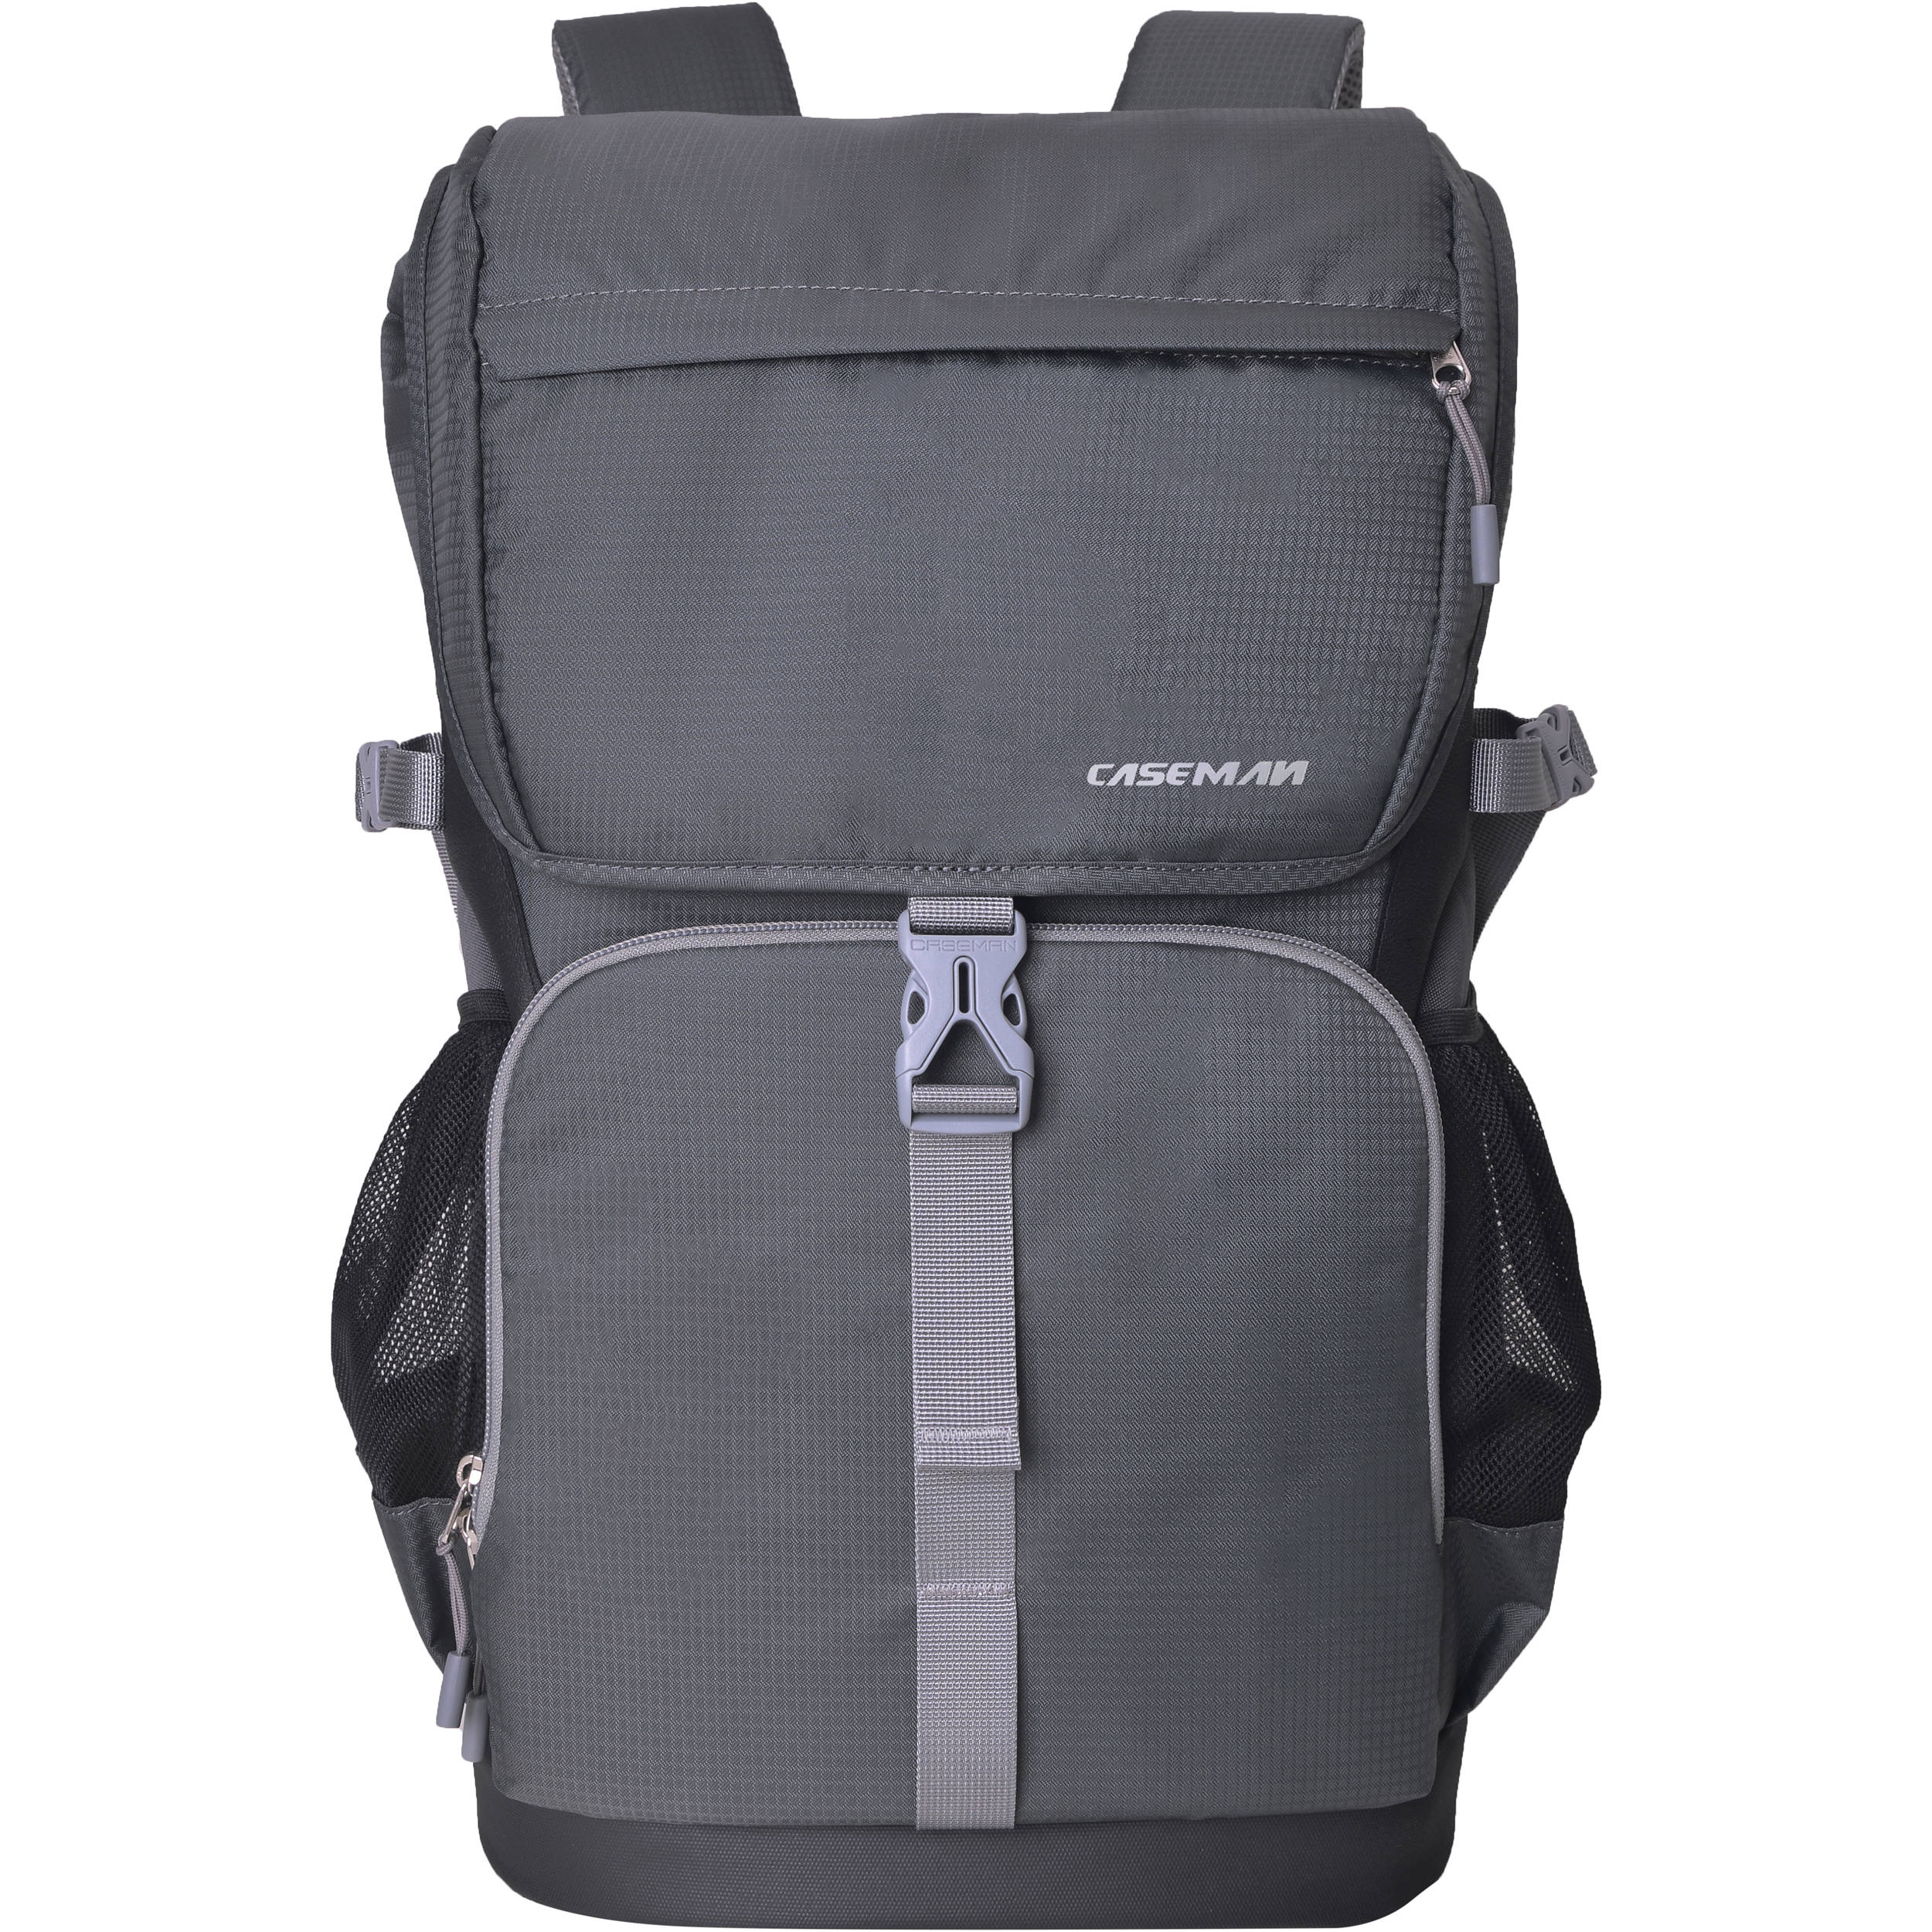 caseman lb 200 outdoor backpack 1358520 jpg .